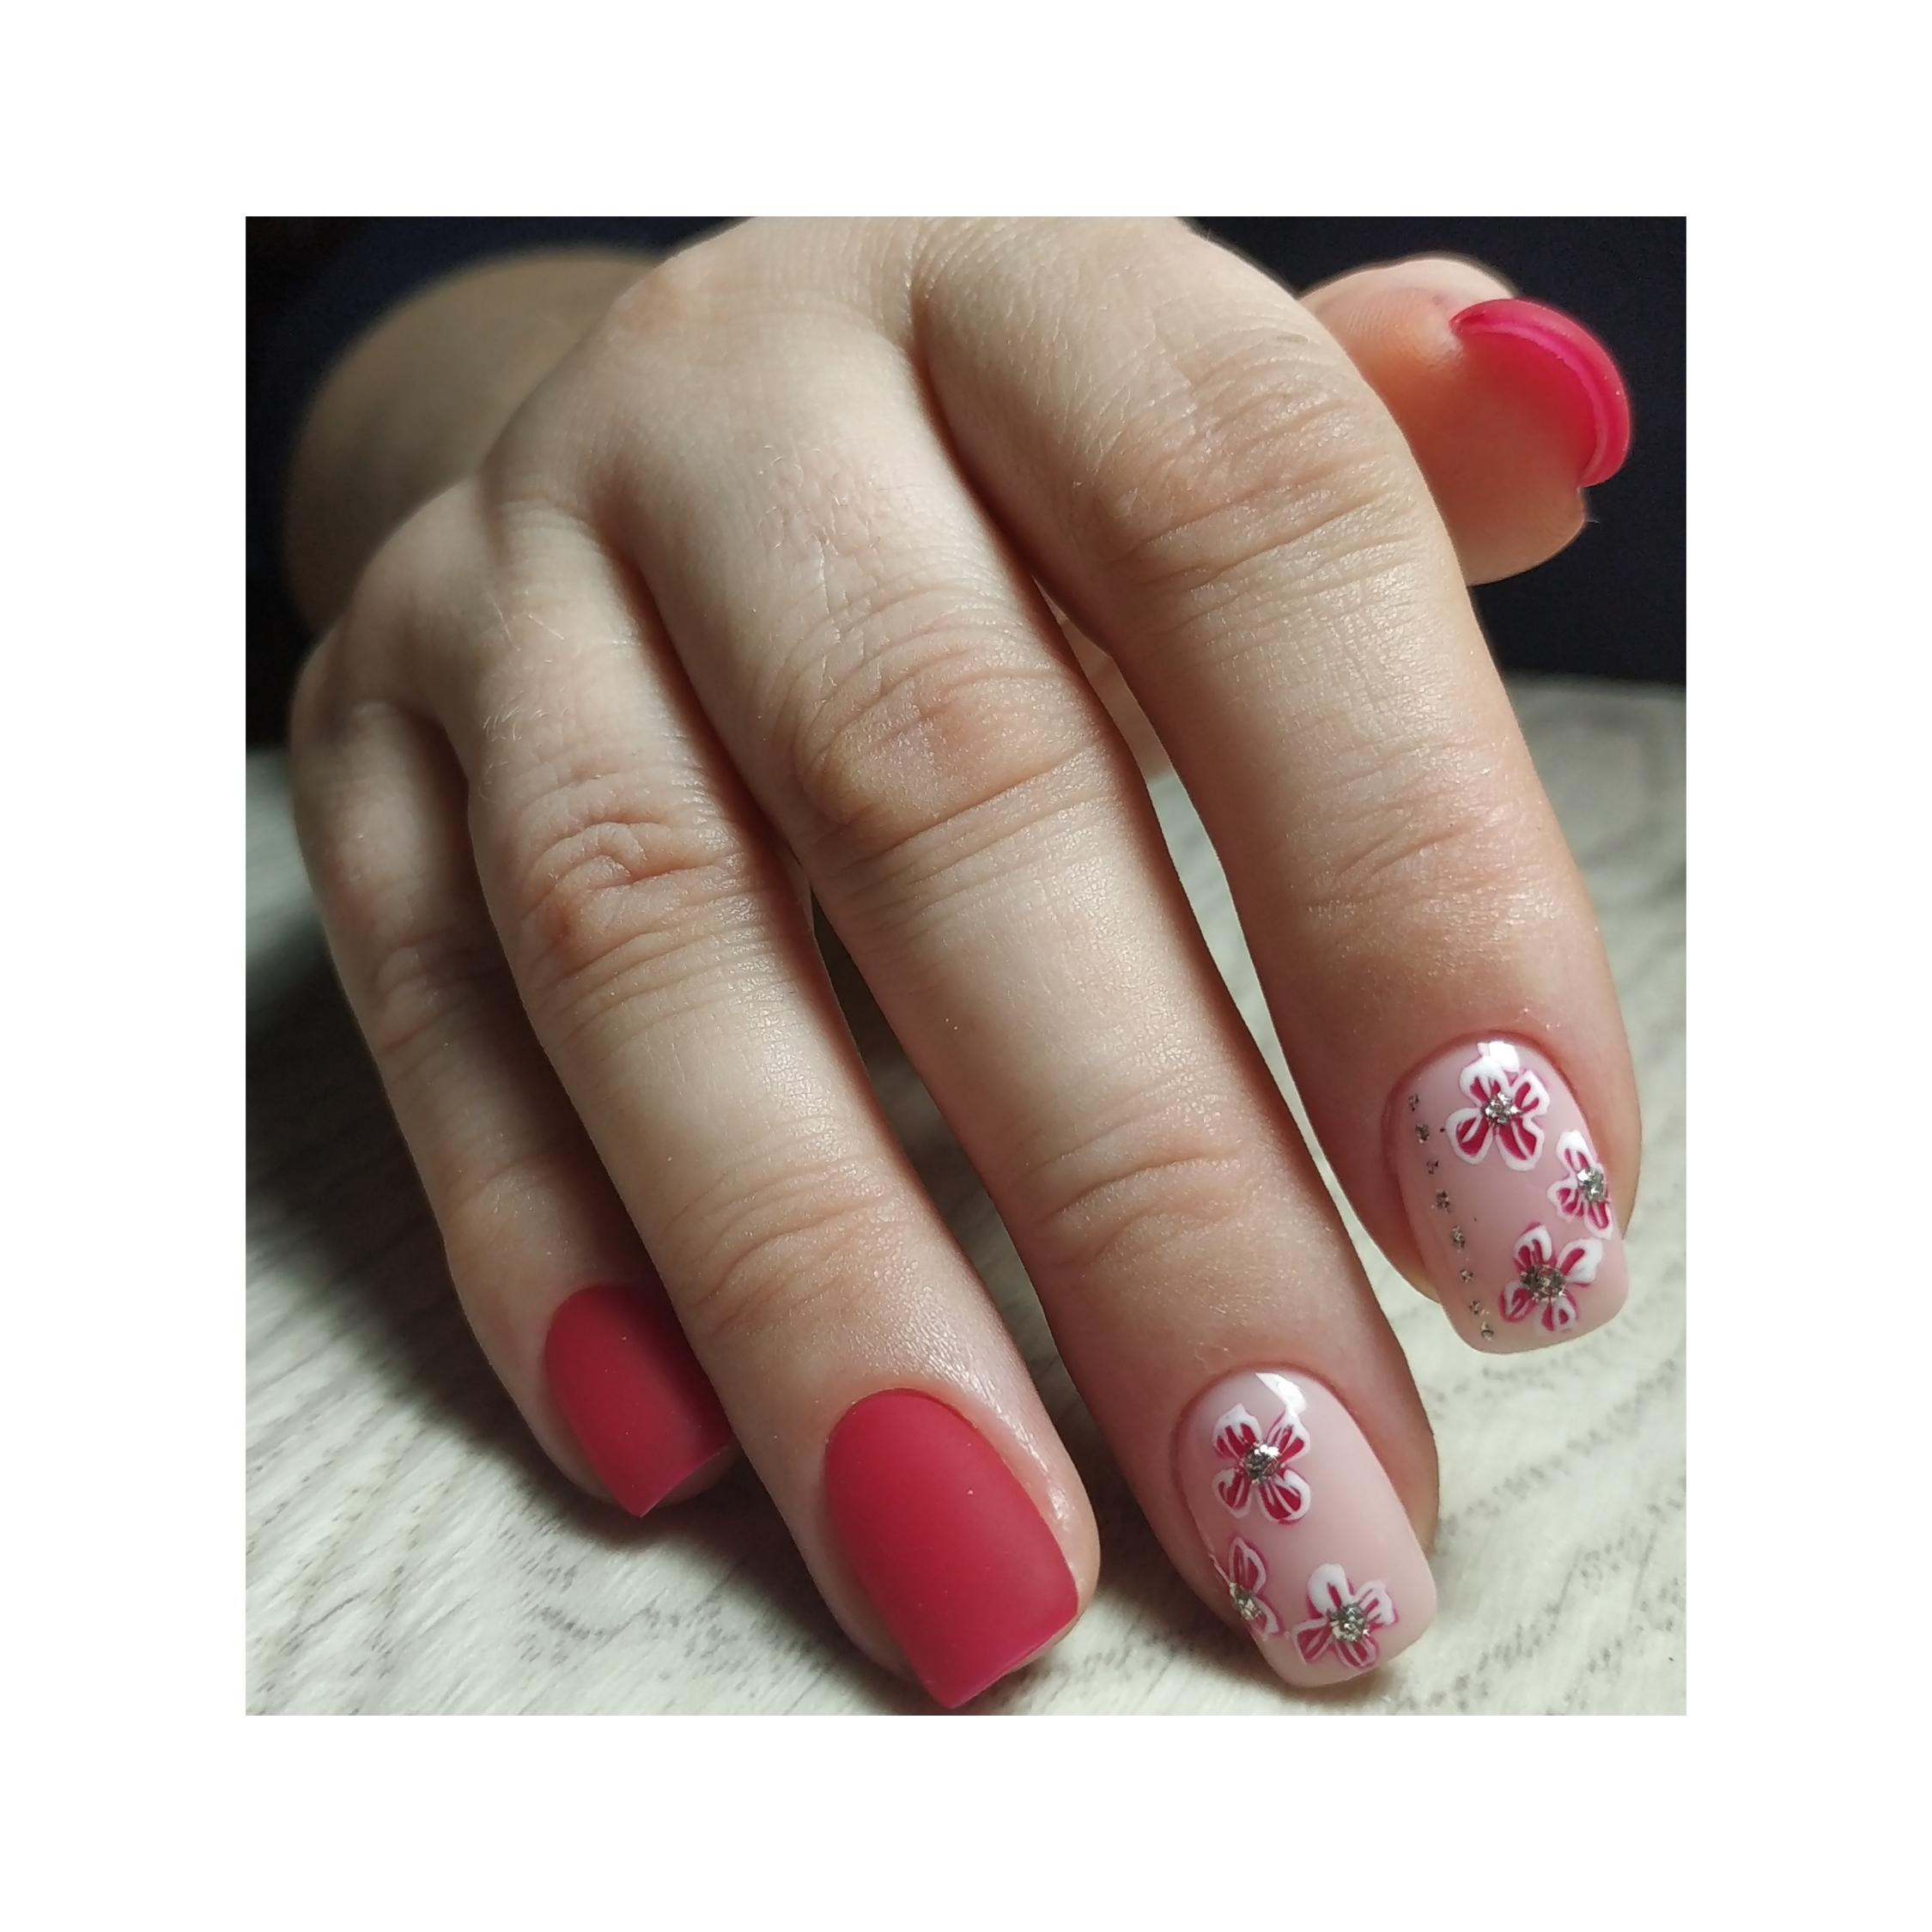 Матовый маникюр с цветочным рисунком в красном цвете.